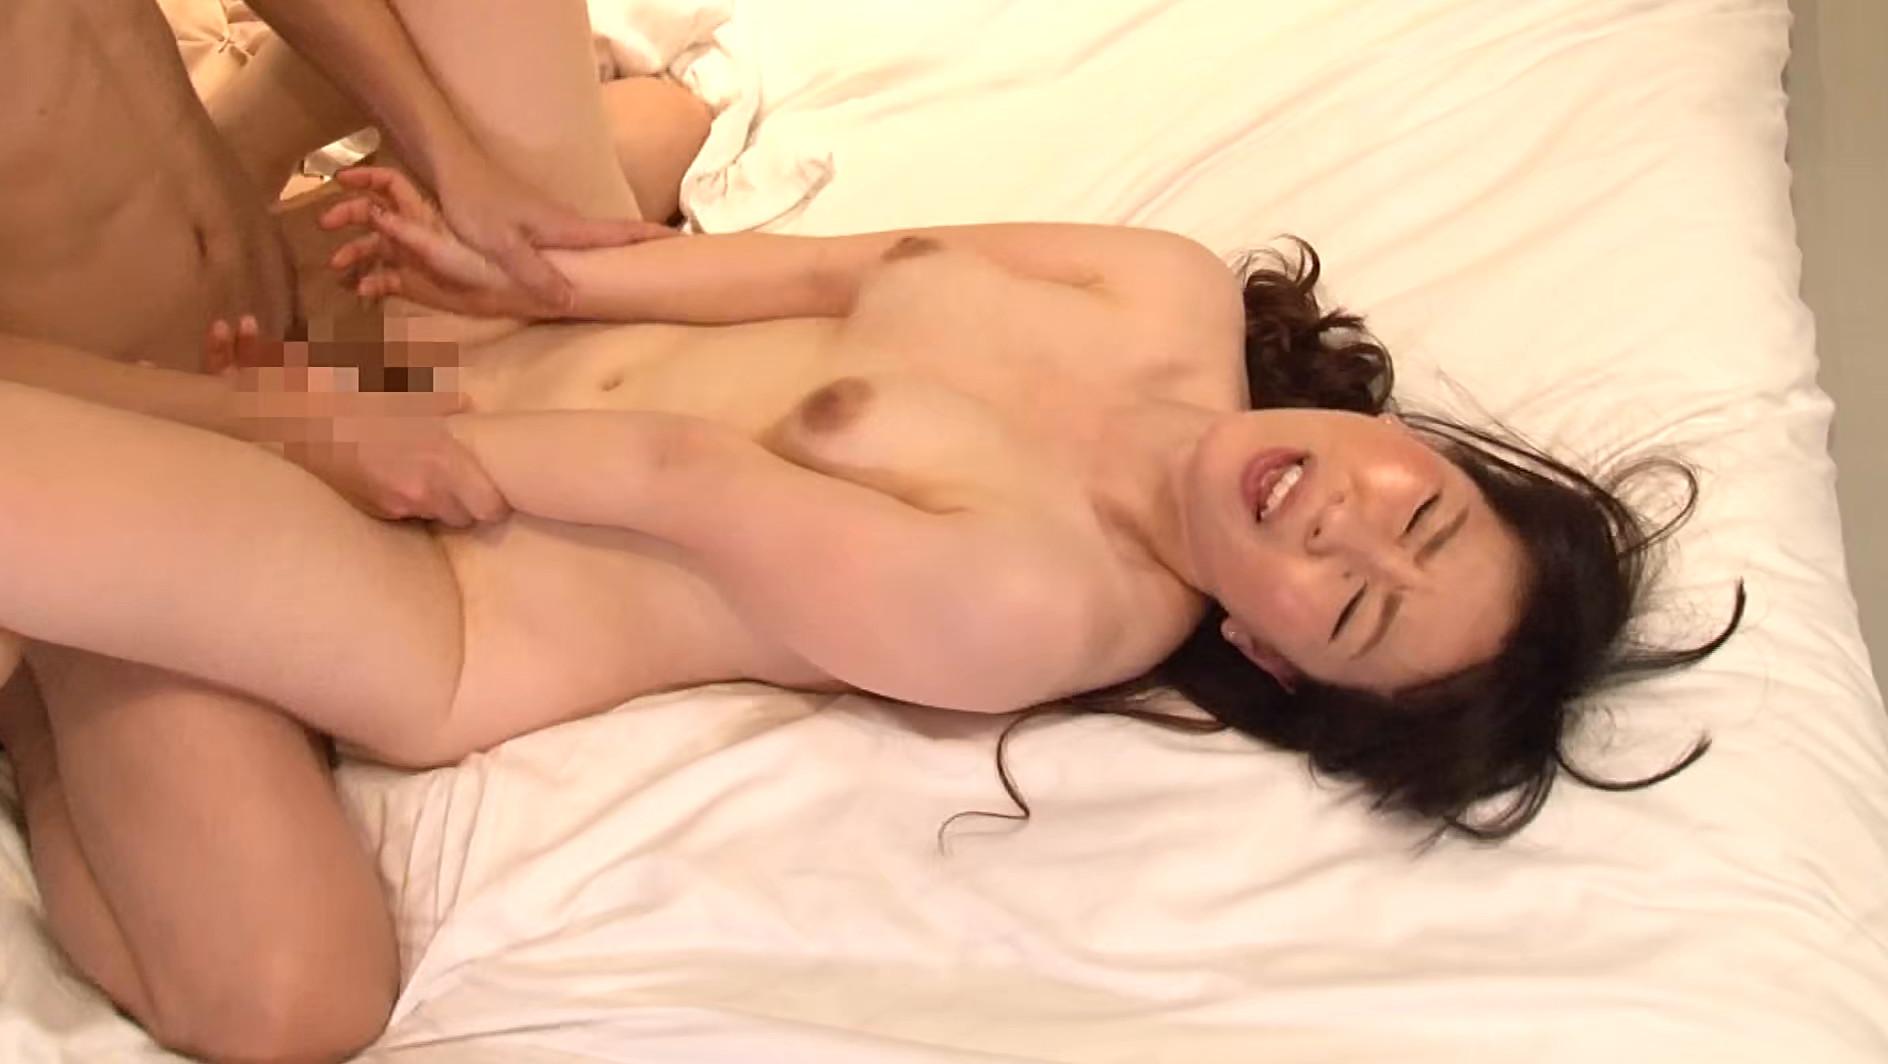 訳あり熟女の初撮りAVに完全密着(2)~複数プレイがしてみたい・和奈さん(35歳)&SEXが好きすぎて・百合さん(40歳) 画像11